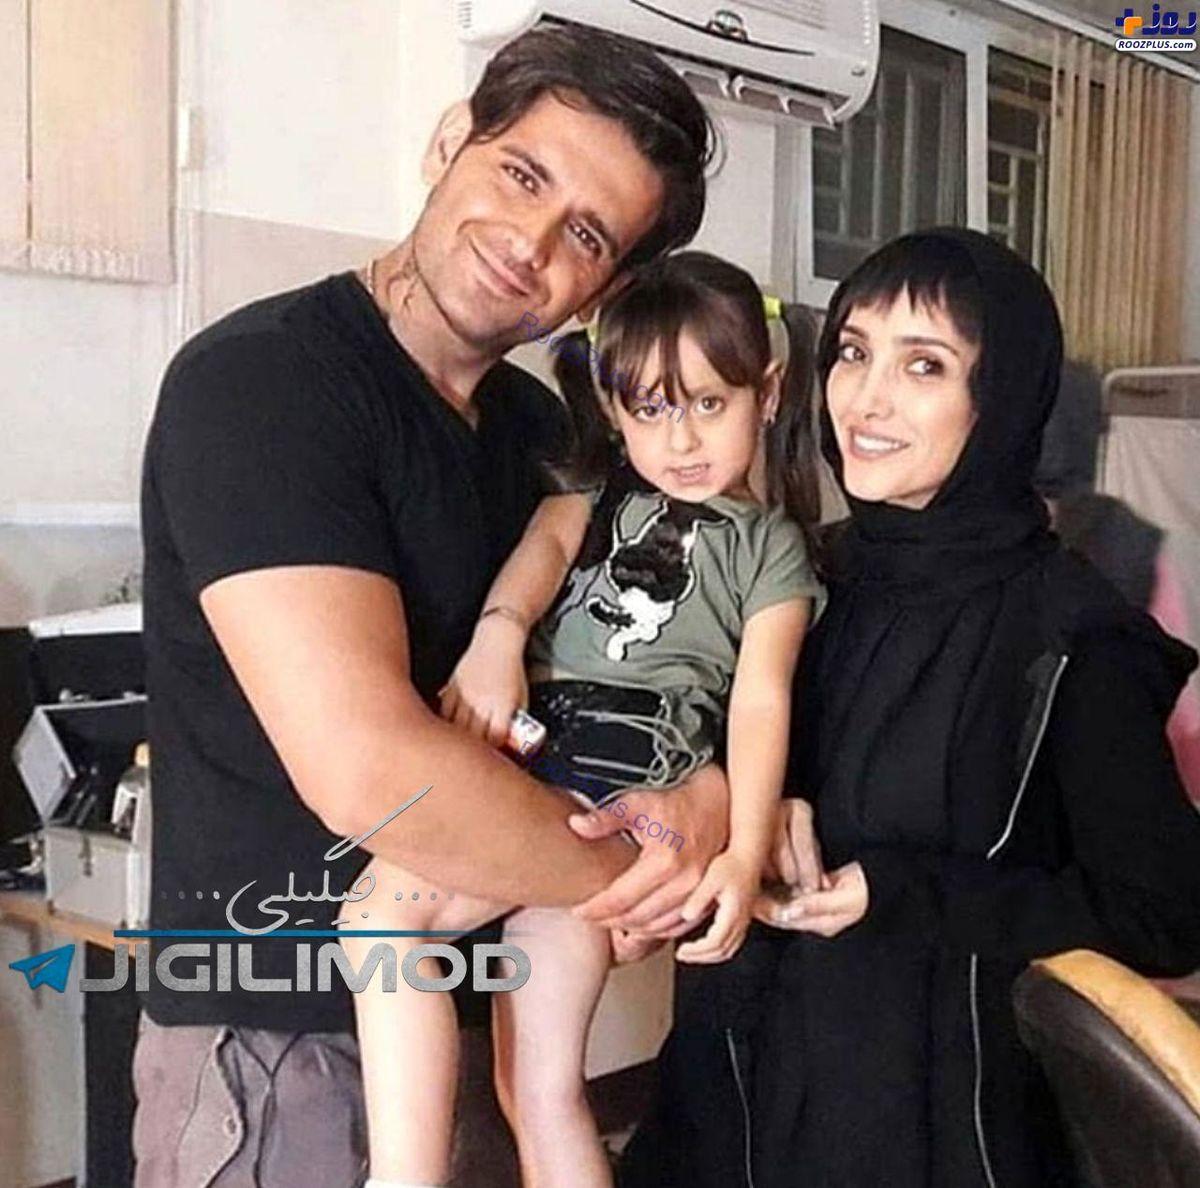 عکس جنجالی امیرحسین آرمان در کنار خانم بازیگر بیوگرافی و عکس